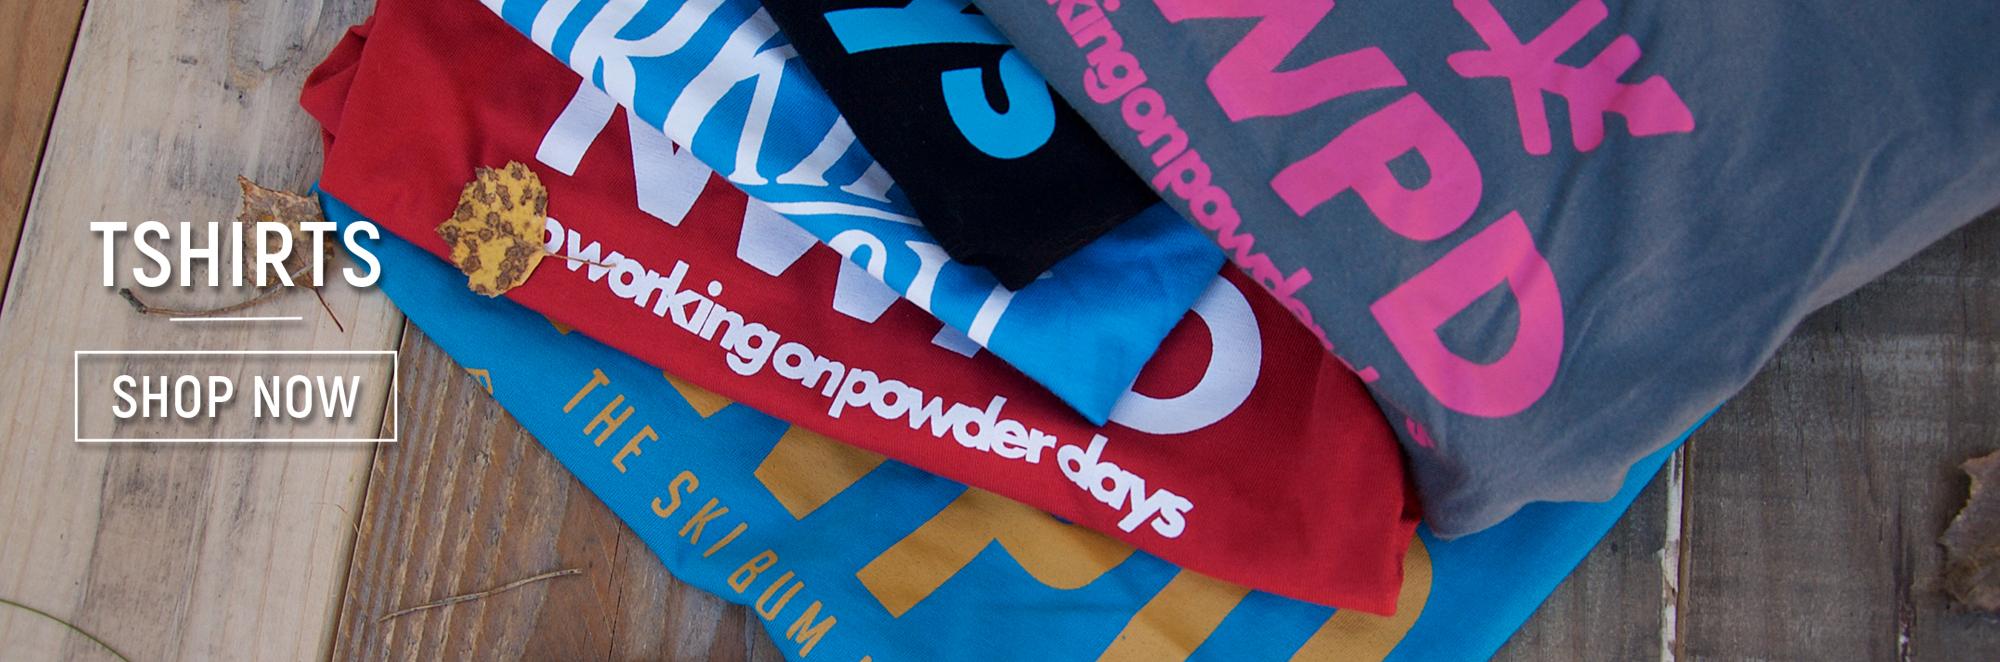 nwpd-slide-tshirts-h3